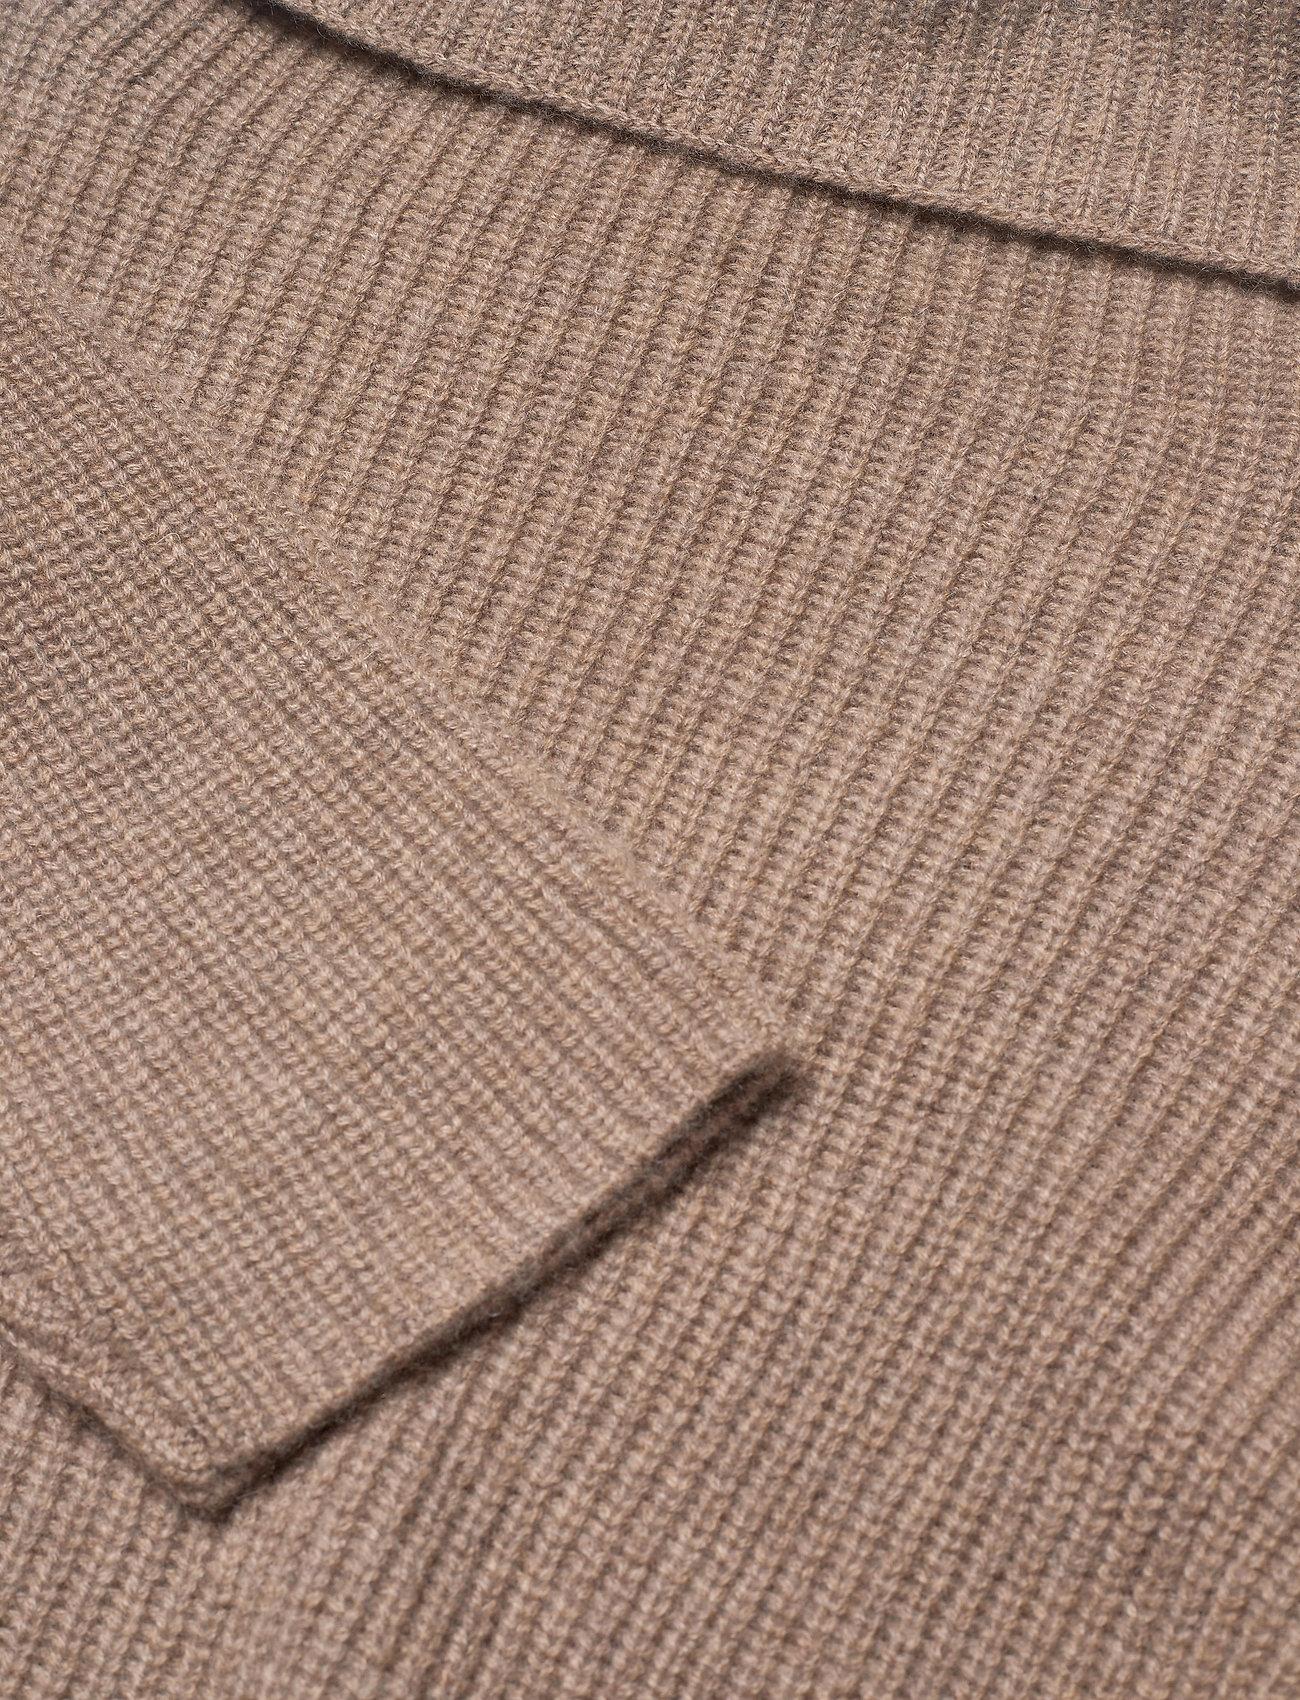 Oversized Rib Sweater (Mink) (249 €) - Davida Cashmere OeSRM